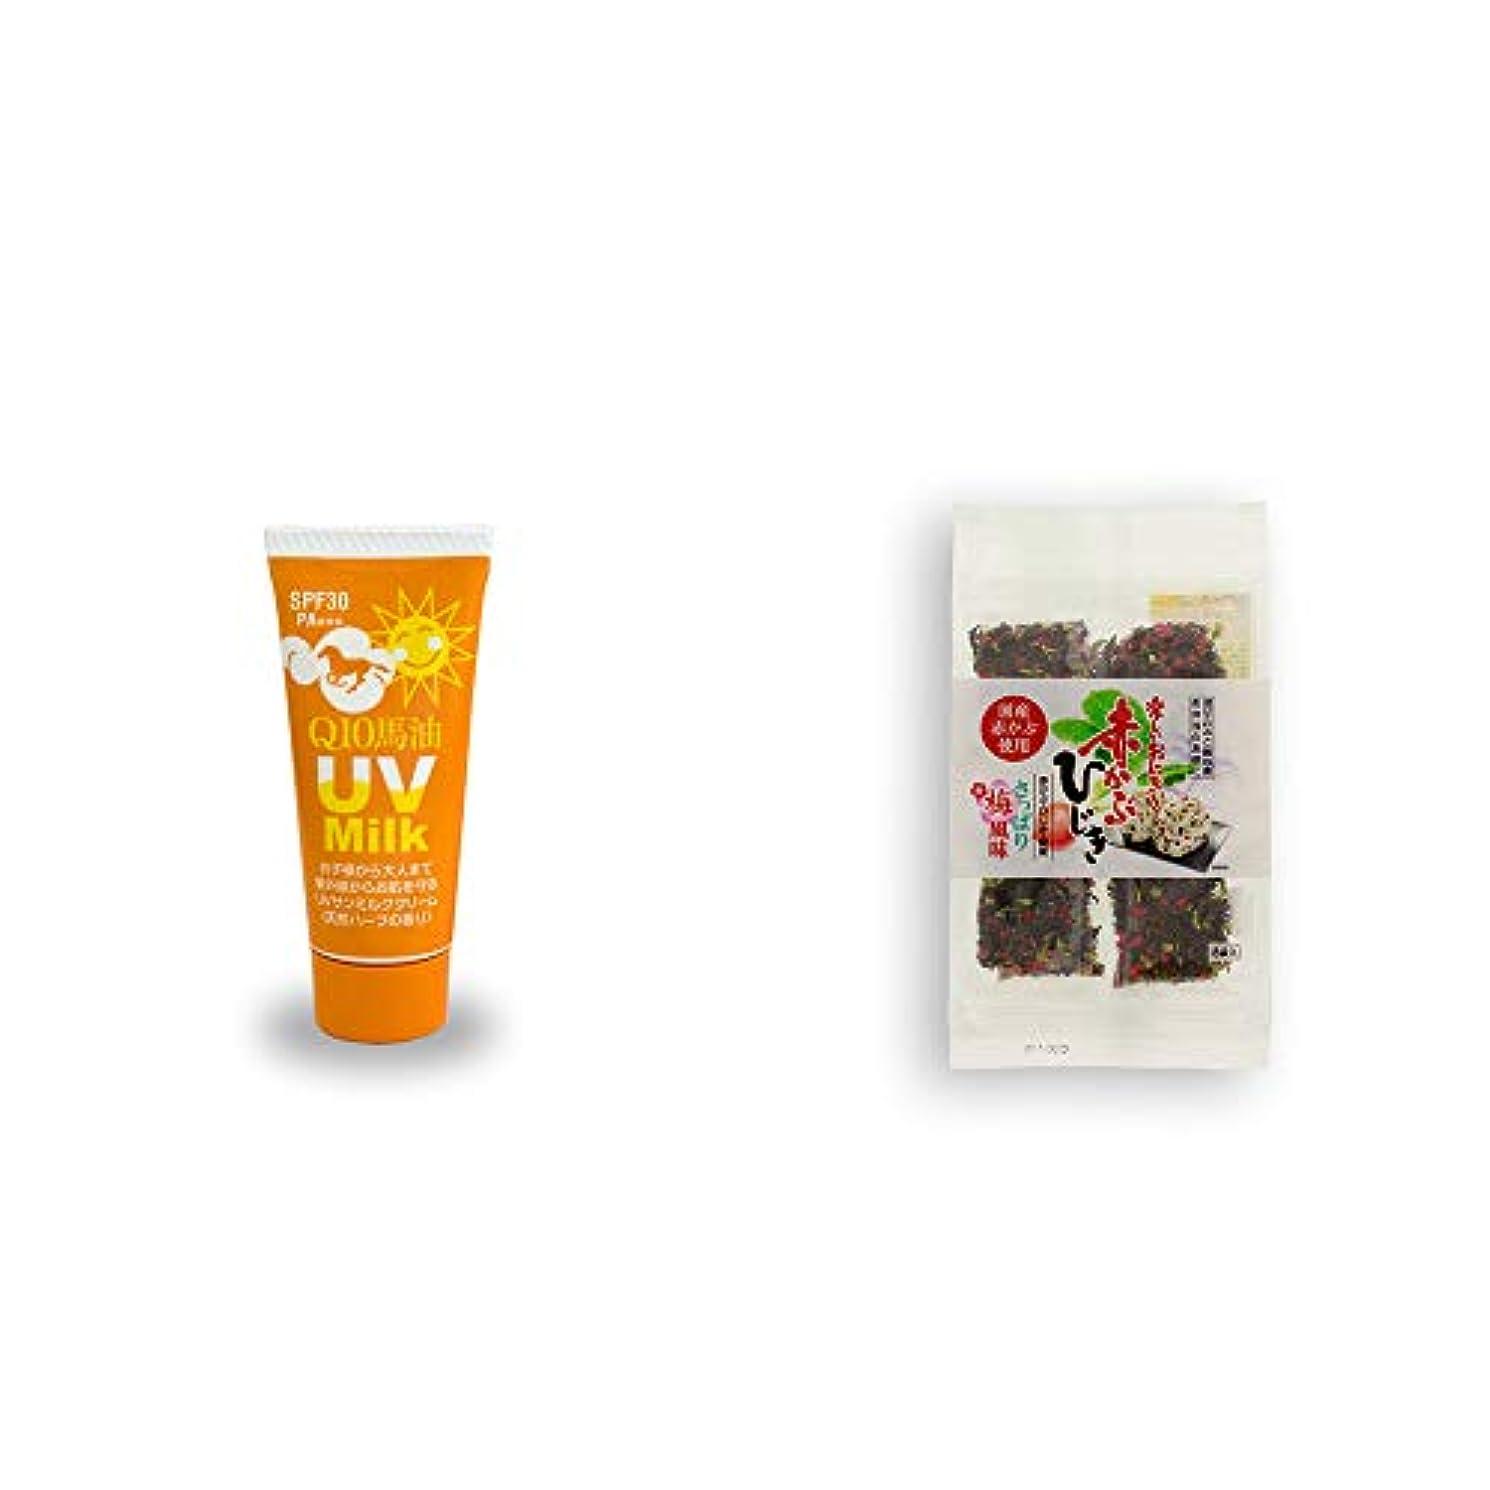 チャートだらしないレオナルドダ[2点セット] 炭黒泉 Q10馬油 UVサンミルク[天然ハーブ](40g)?楽しいおにぎり 赤かぶひじき(8g×8袋)